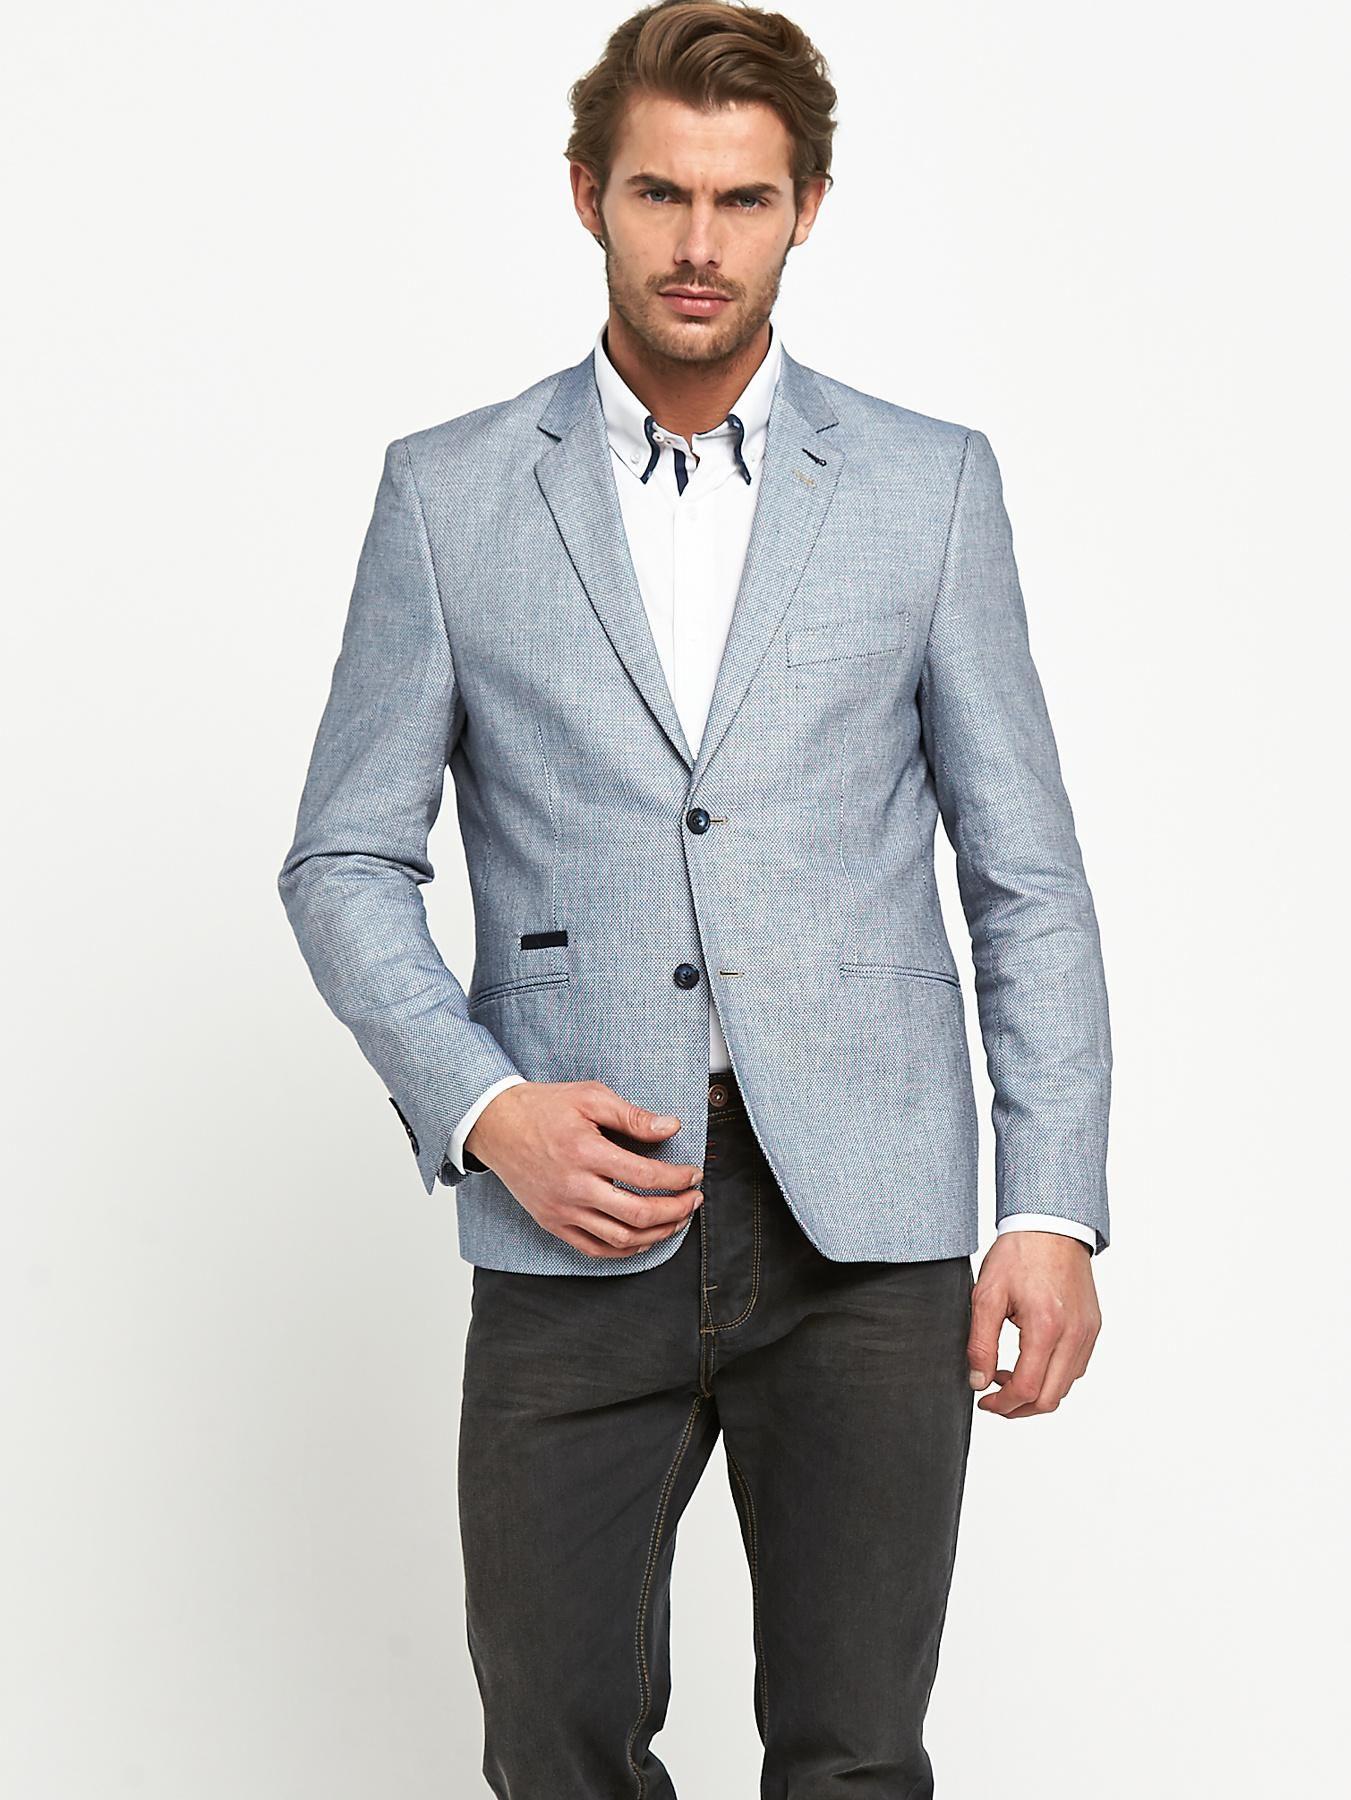 Men\'s Grey Linen Blazer, White Dress Shirt, Charcoal Jeans   Jeans ...